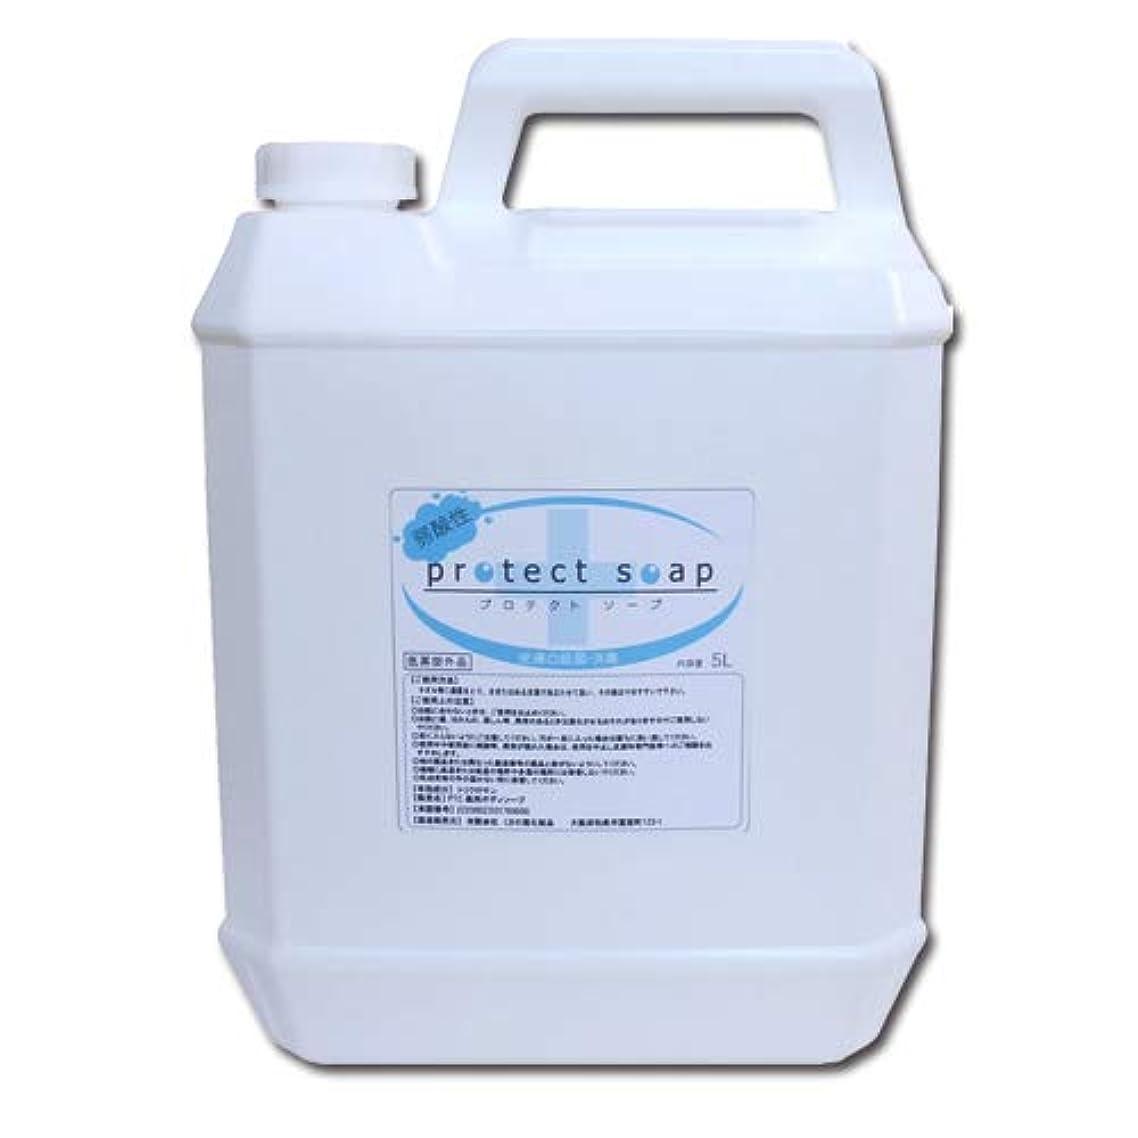 処方エンターテインメントモバイル低刺激弱酸性 液体石鹸 プロテクトソープ 5L 業務用│せっけん液 液体せっけん 殺菌?消毒 インフルエンザ?ノロウィルス対策